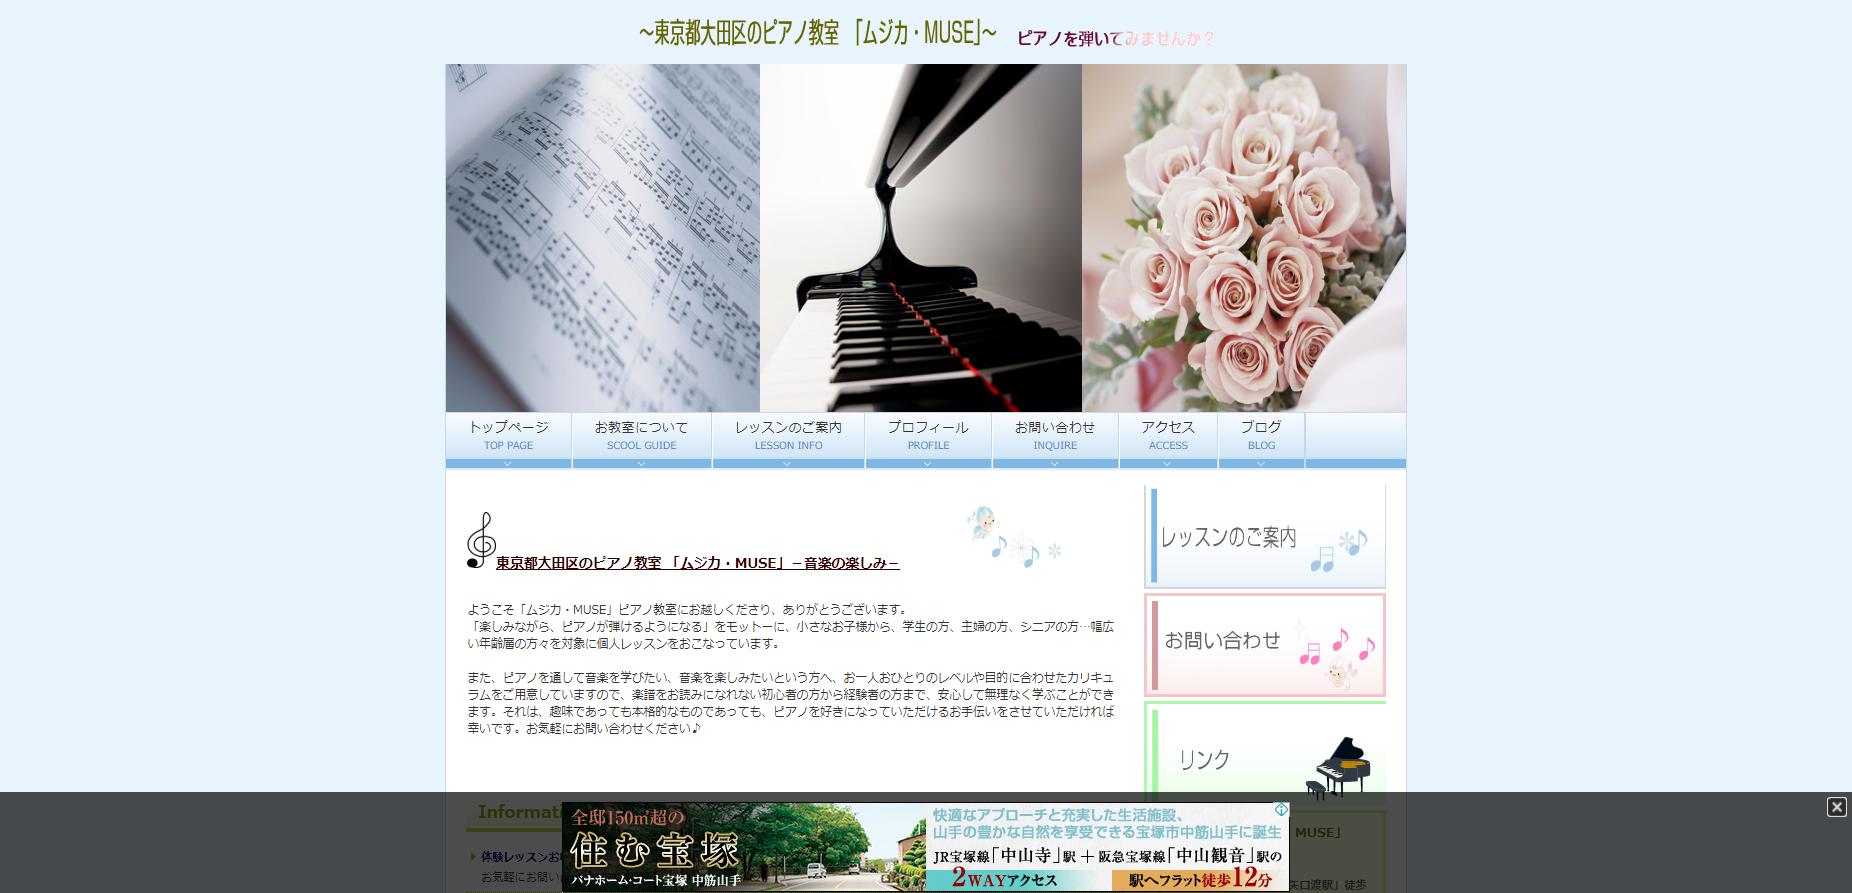 ムジカ・MUSEピアノ教室のサムネイル